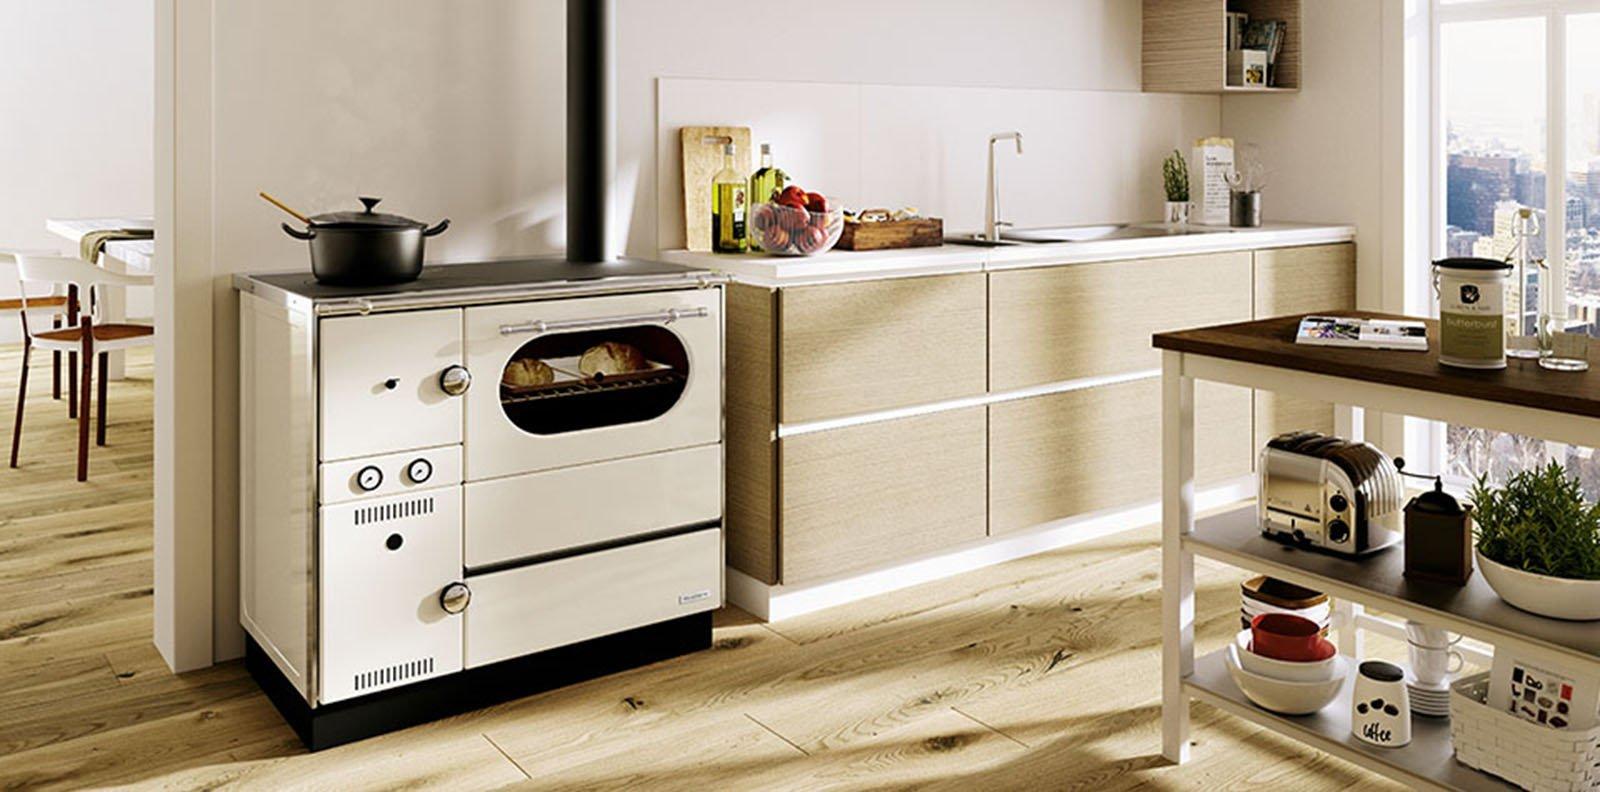 La cucina di una volta per cuocere e riscaldare come con - Cucine a induzione consumi ...